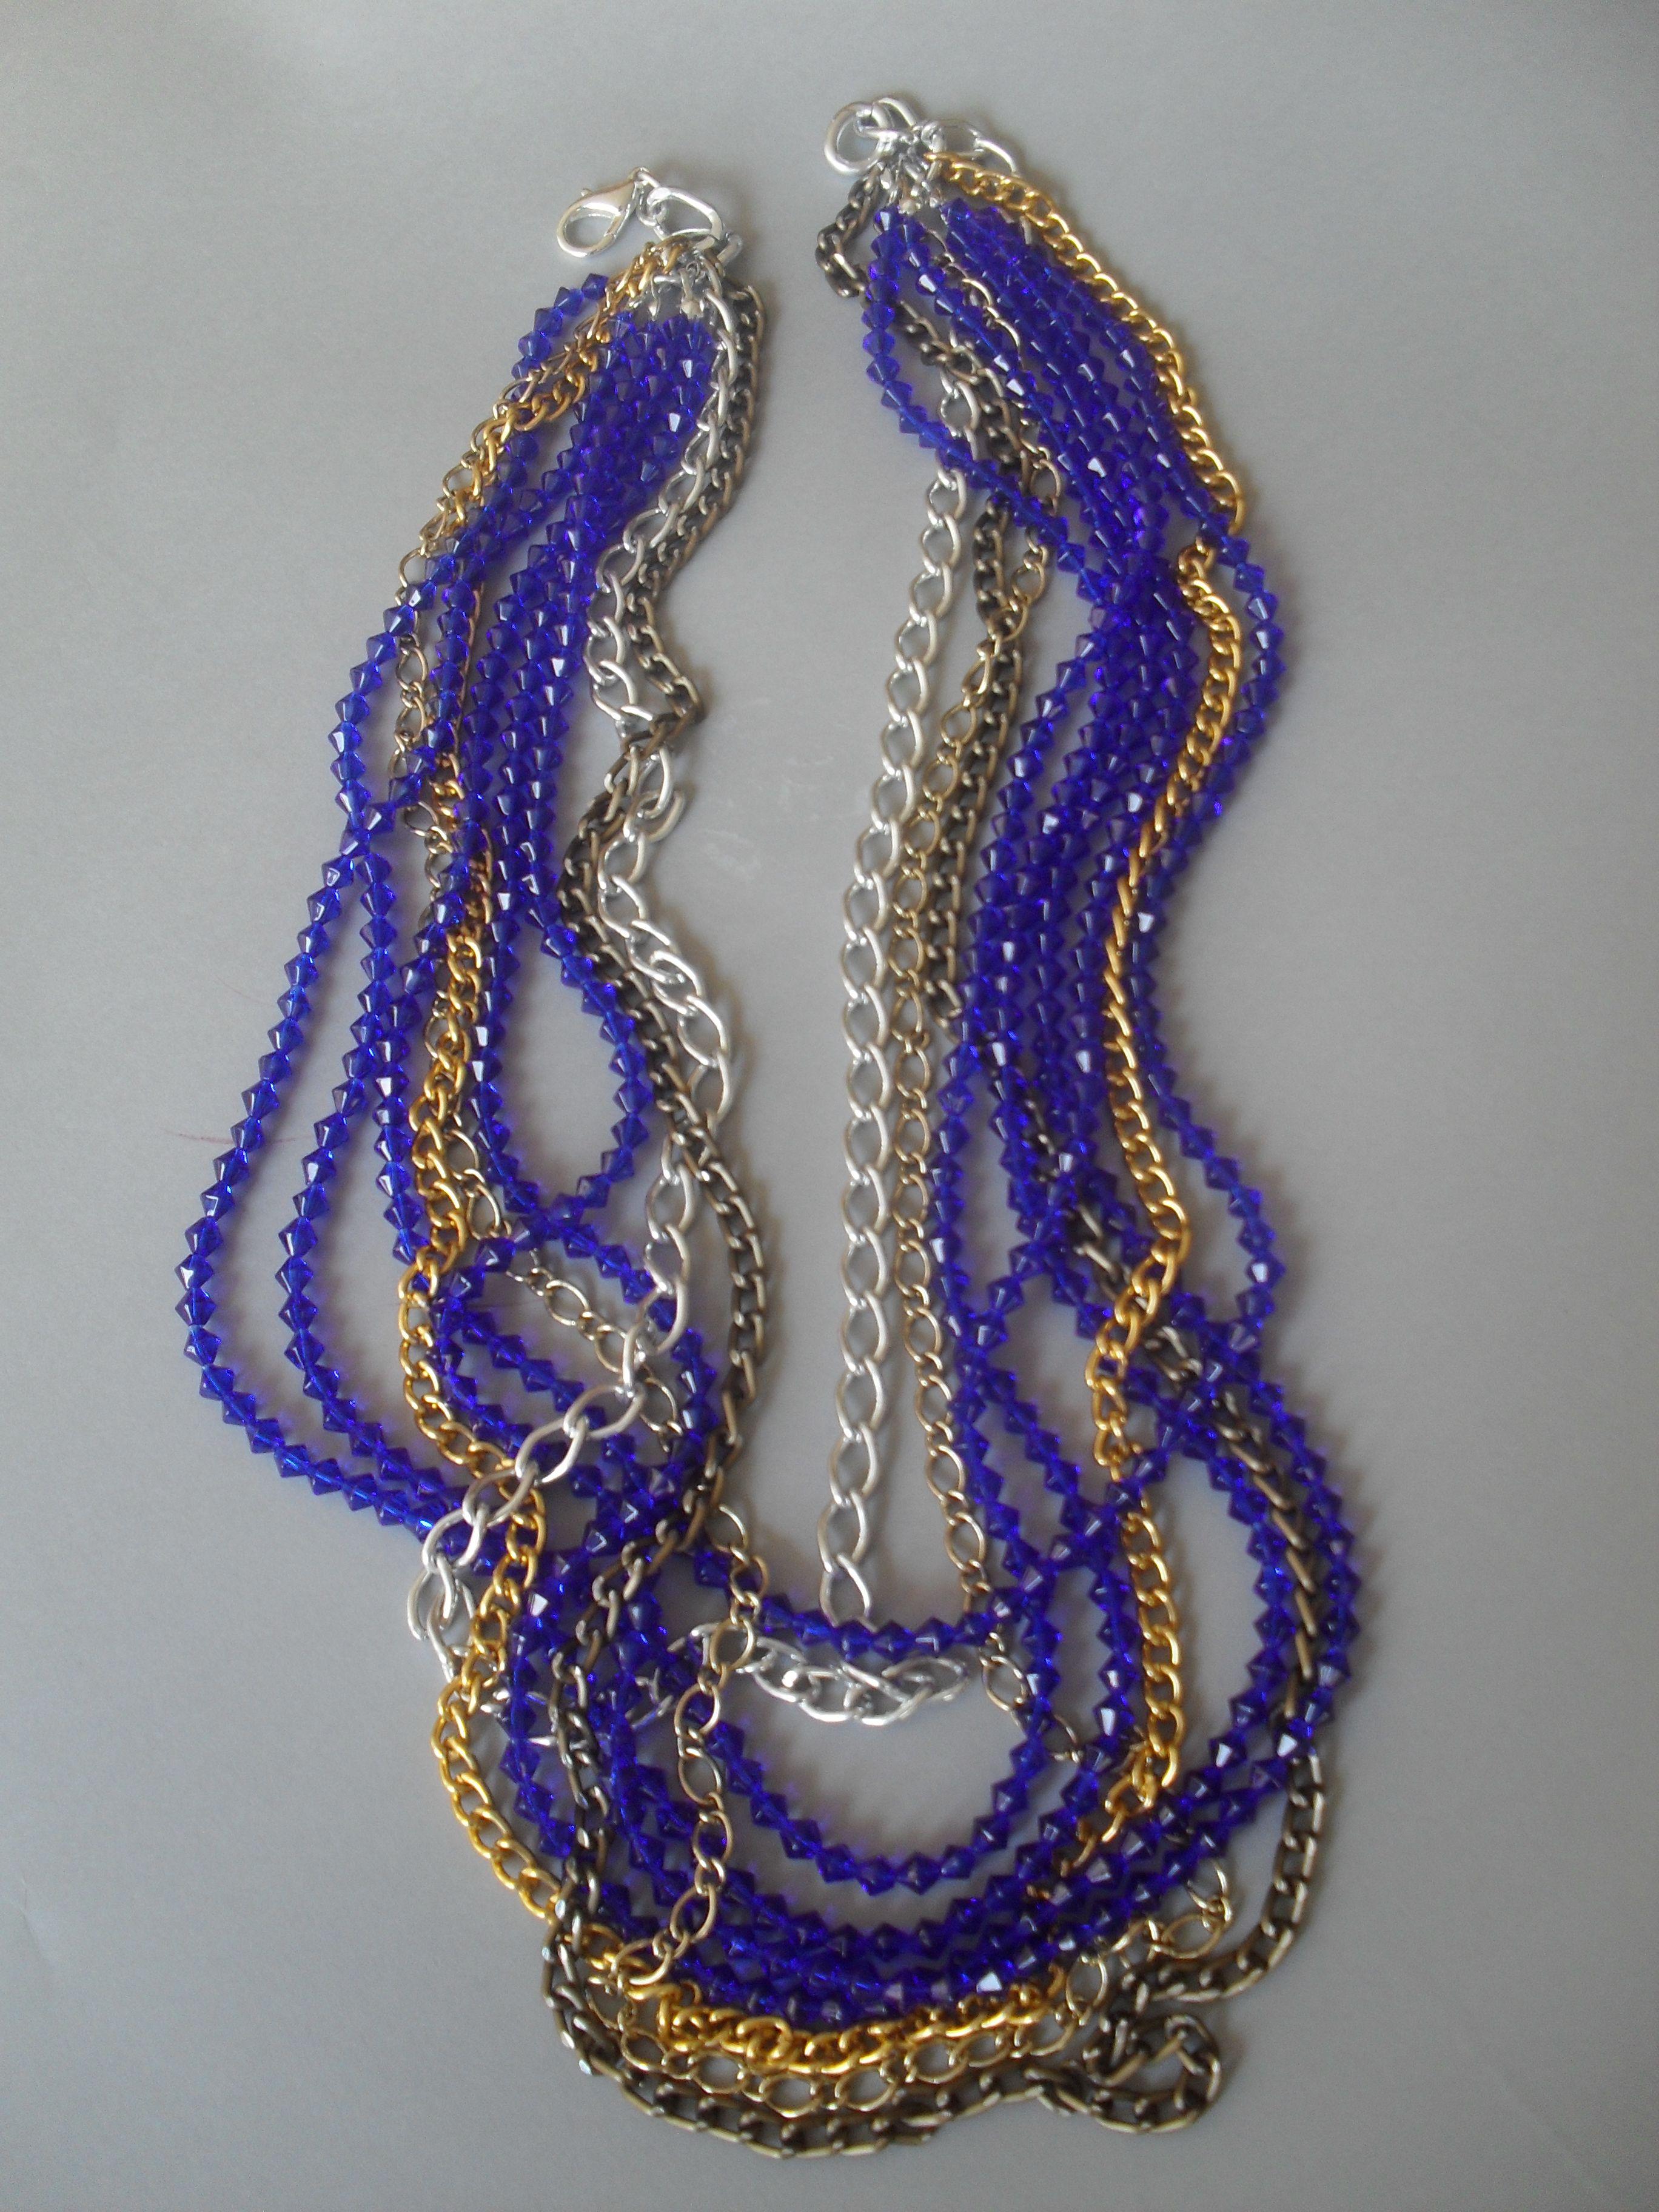 Collar largo de cristales azul cobalto con cadenas en color plata, bronce y dorado